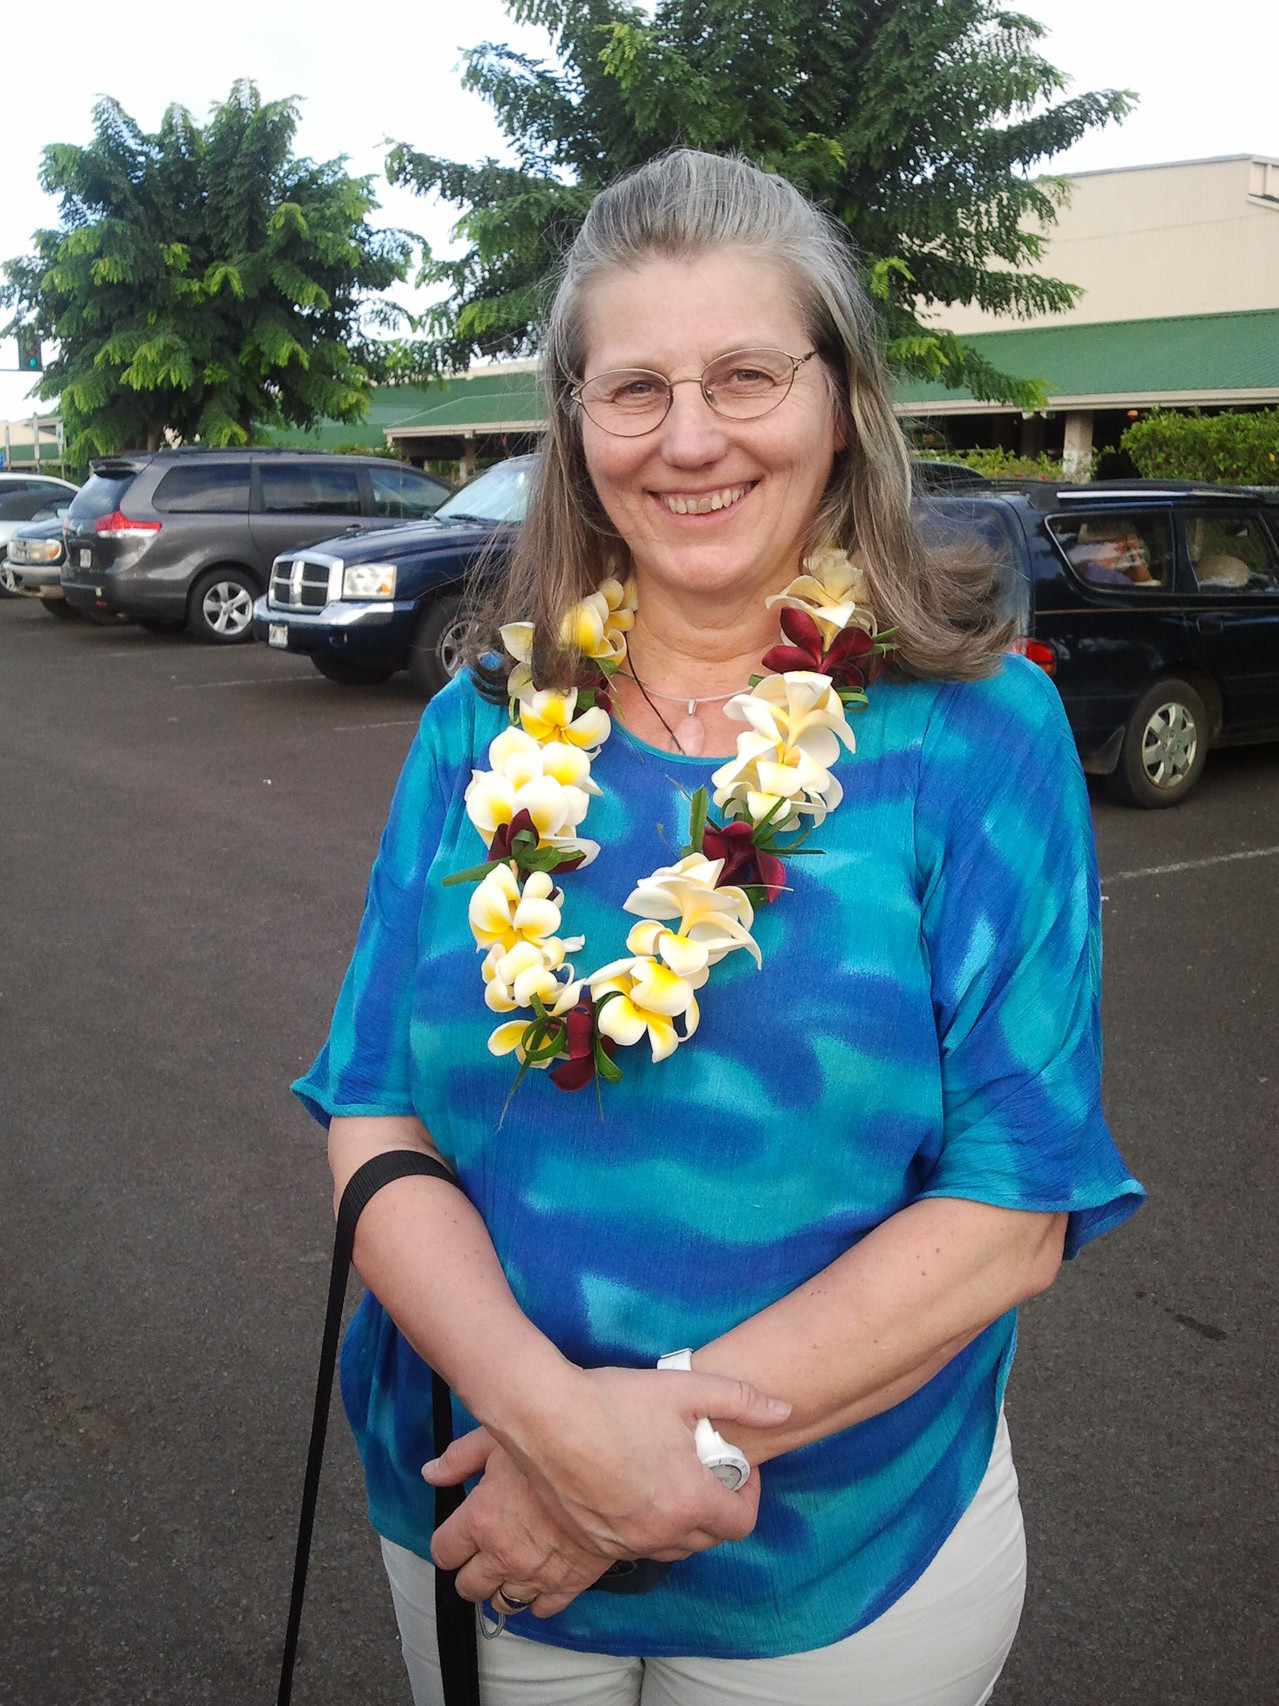 Empfang in Kauai